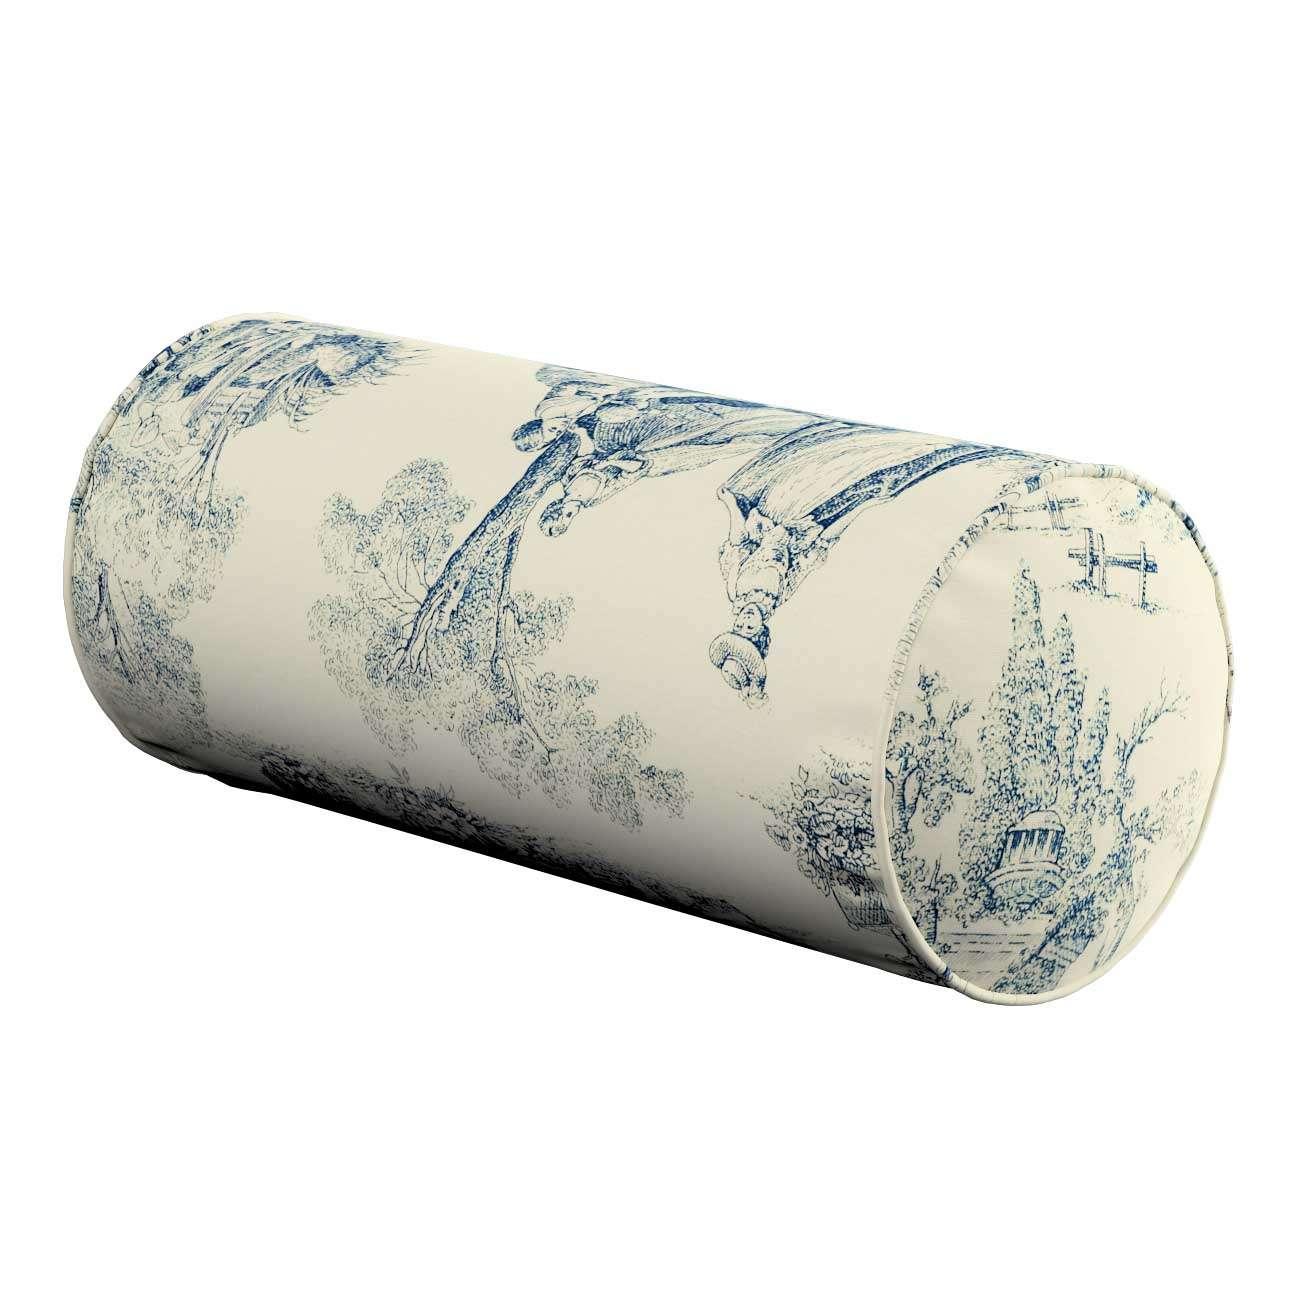 Poduszka wałek prosty Ø 16 x 40 cm w kolekcji Avinon, tkanina: 132-66